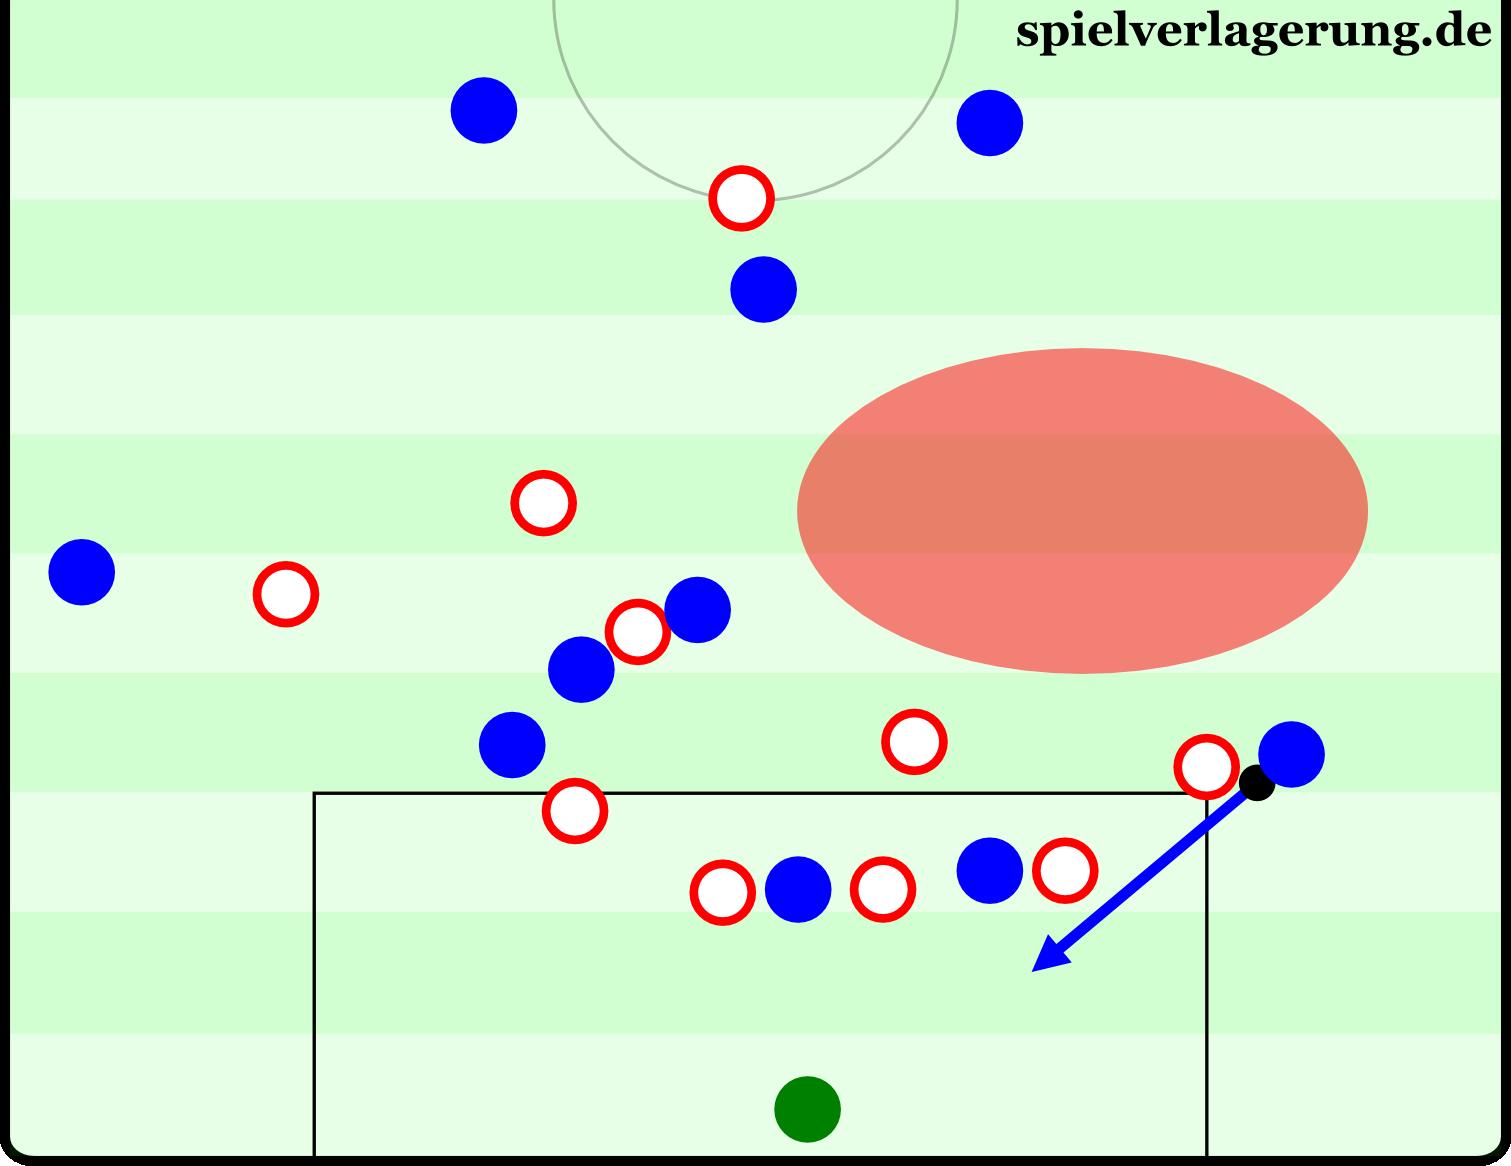 Schalke schlägt eine Flanke in den Strafraum. Der Gegner ist noch nicht nach hinten gedrückt, hat den Rückraum gut besetzt. Schalke wiederum hat den entscheidenden Rückraum gar nicht besetzt, sondern steht mit mehreren Spielern im ballfernen Raum. Ein Ballverlust ist wahrscheinlich.